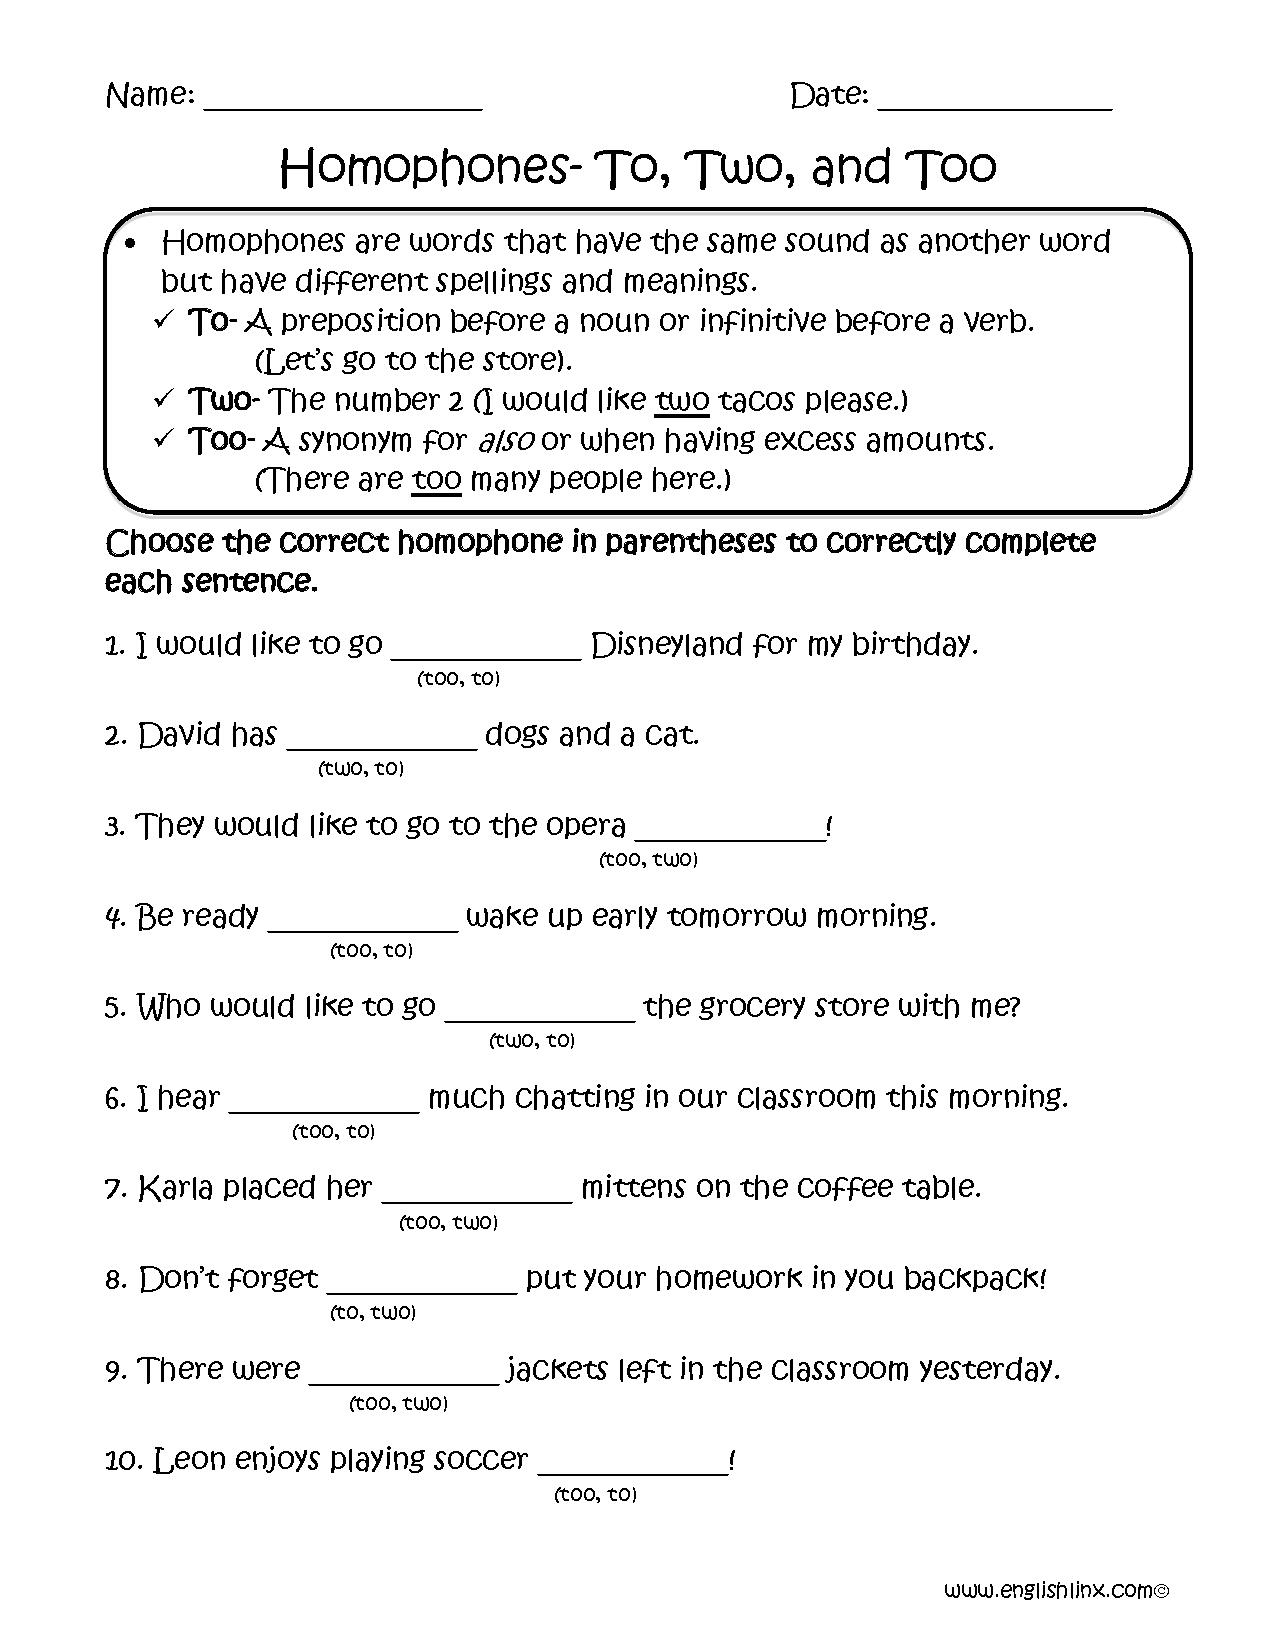 Choosing To Two Too Homophones Worksheets